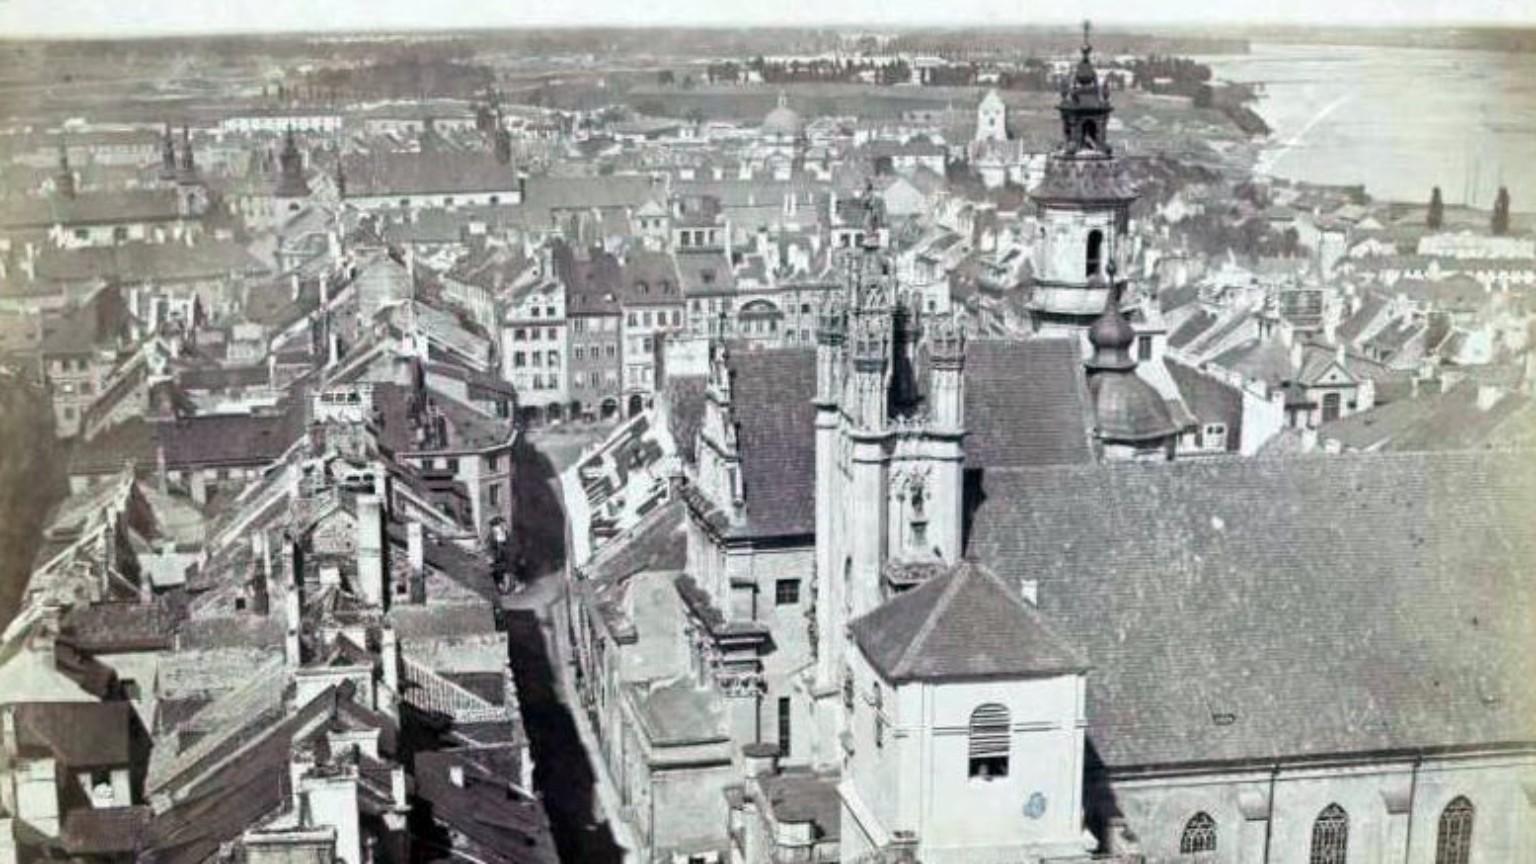 Zdjęcie dla kartki: Konrad Brandel wykonuje fotograficzną panoramę Warszawy